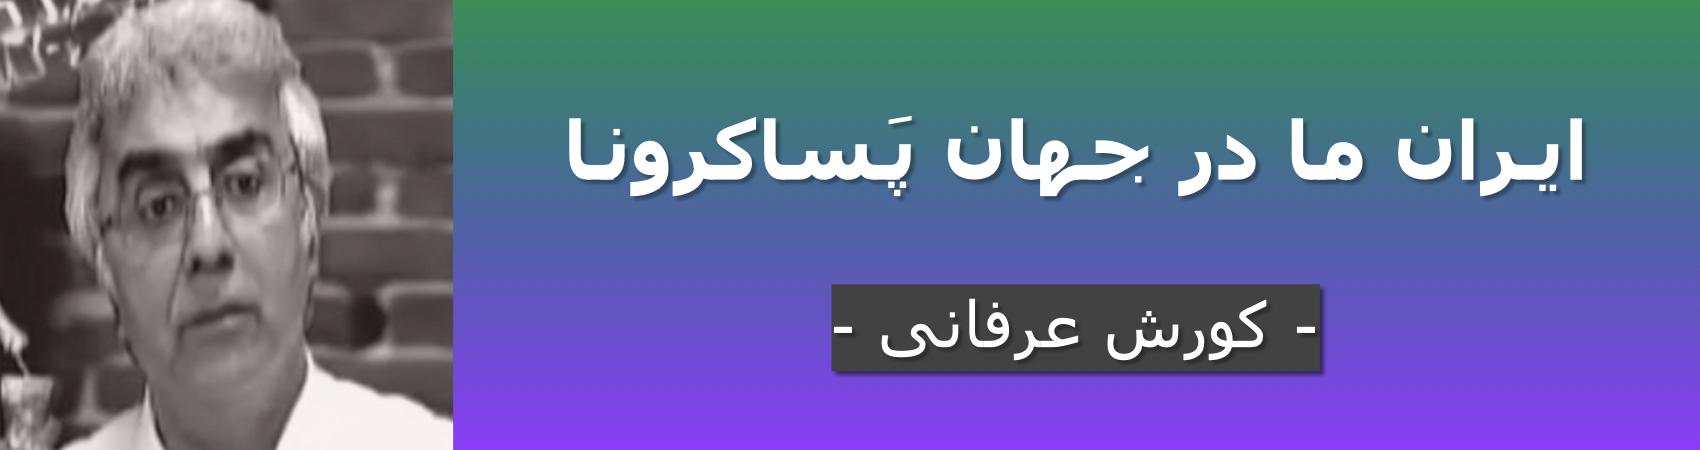 ایران ما در جهان پَساکرونا